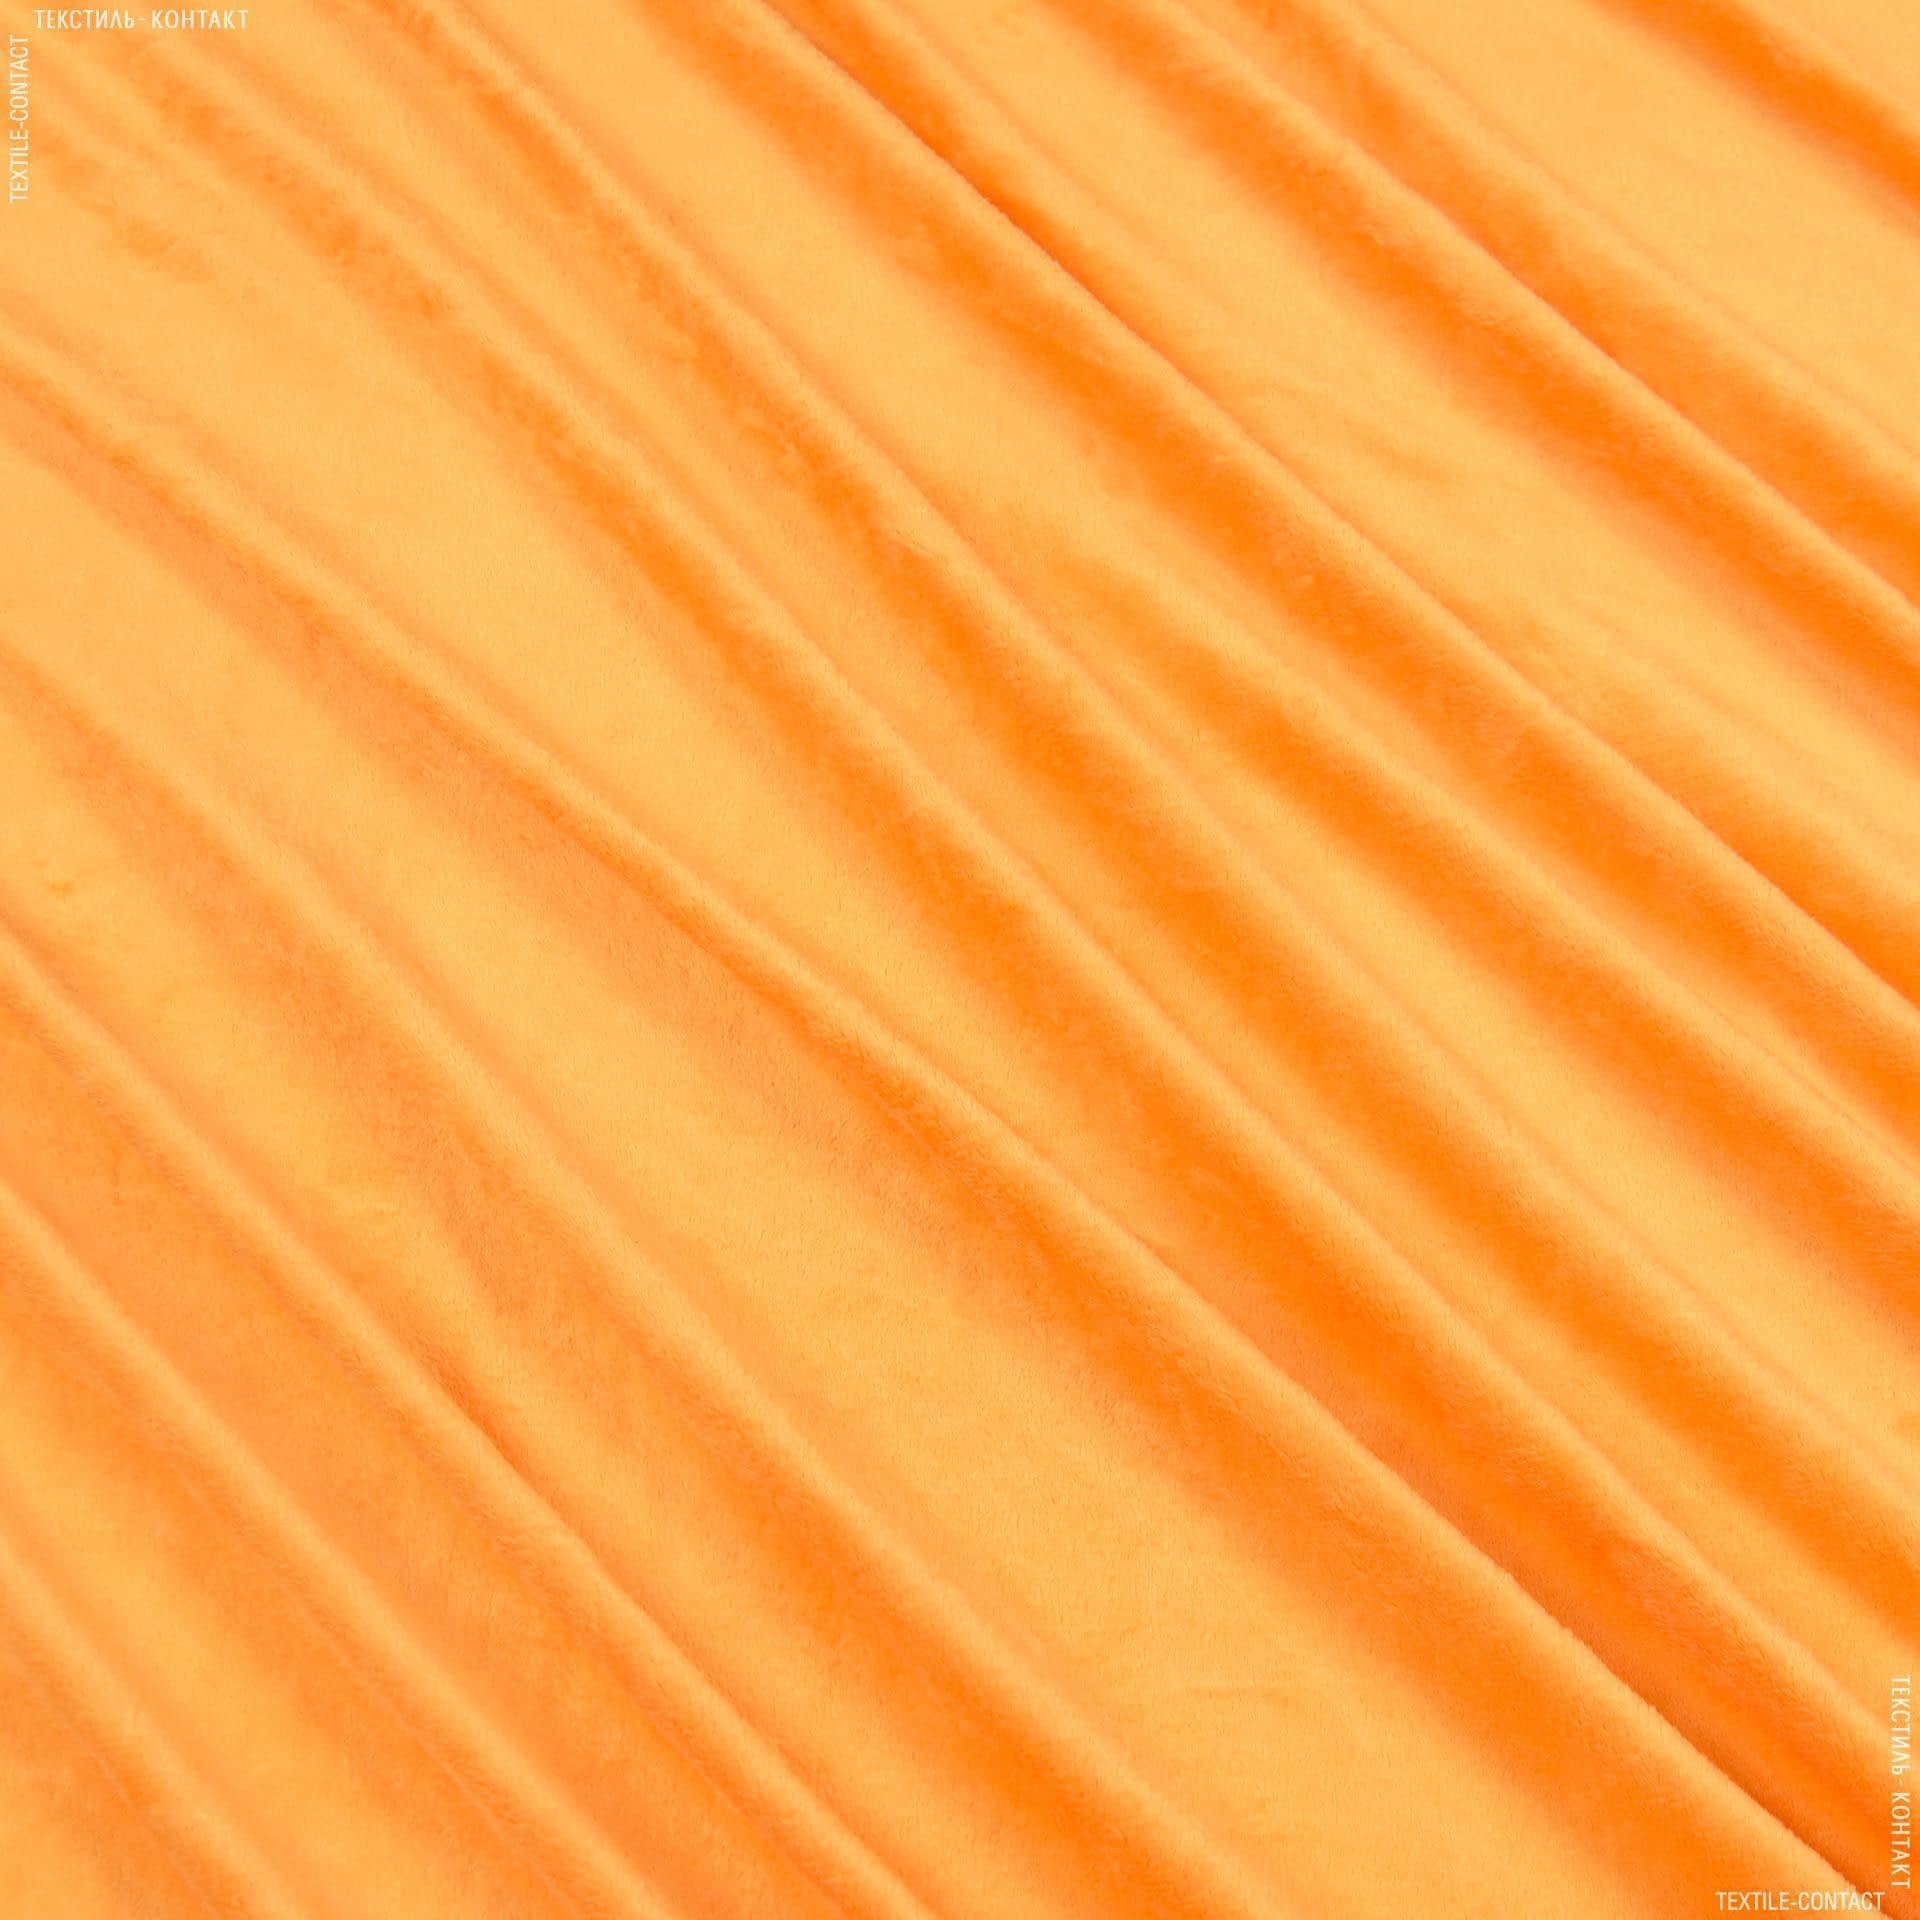 Тканини для м'яких іграшок - Плюш (вельбо) світло-помаранчевий